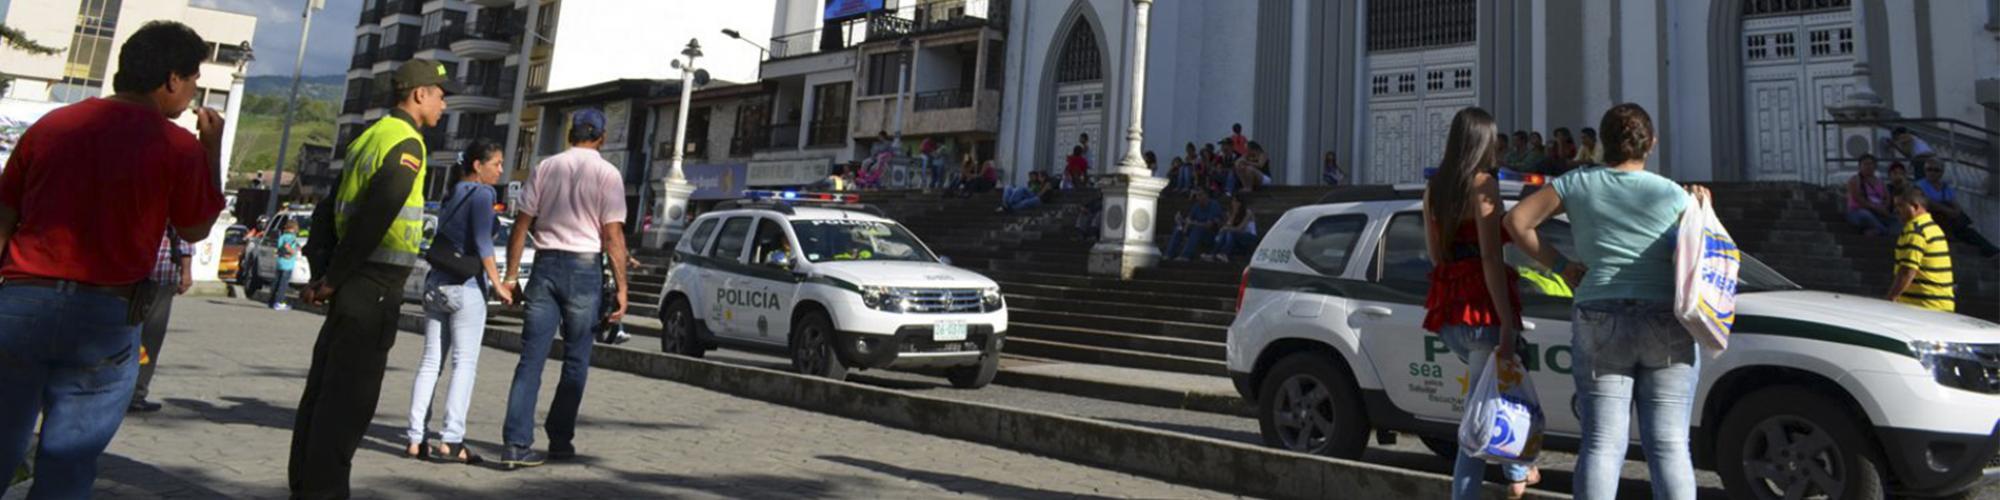 Departamento de Policía Risaralda